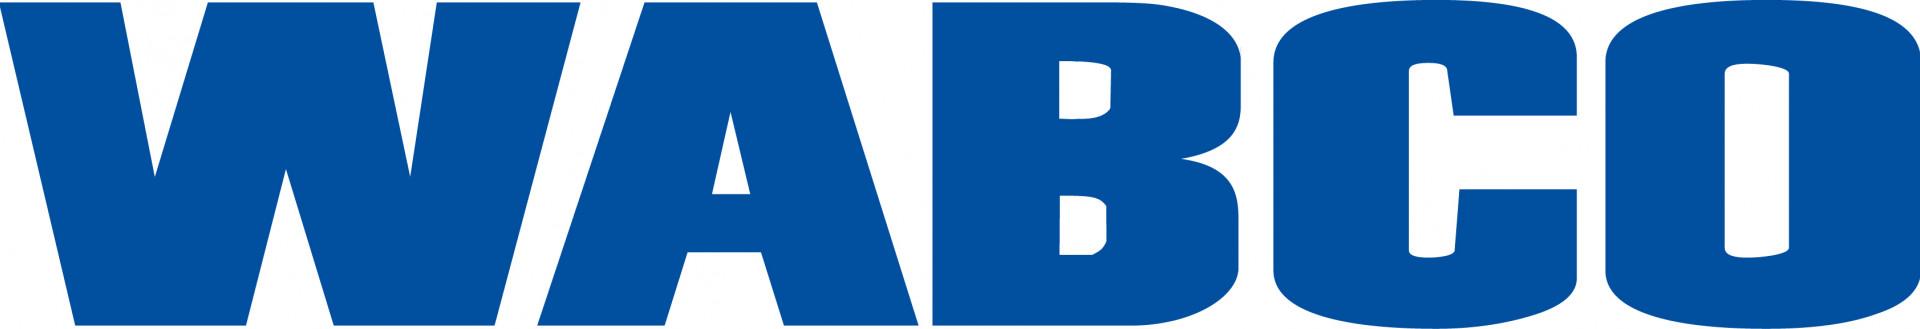 Wabco logo.jpg